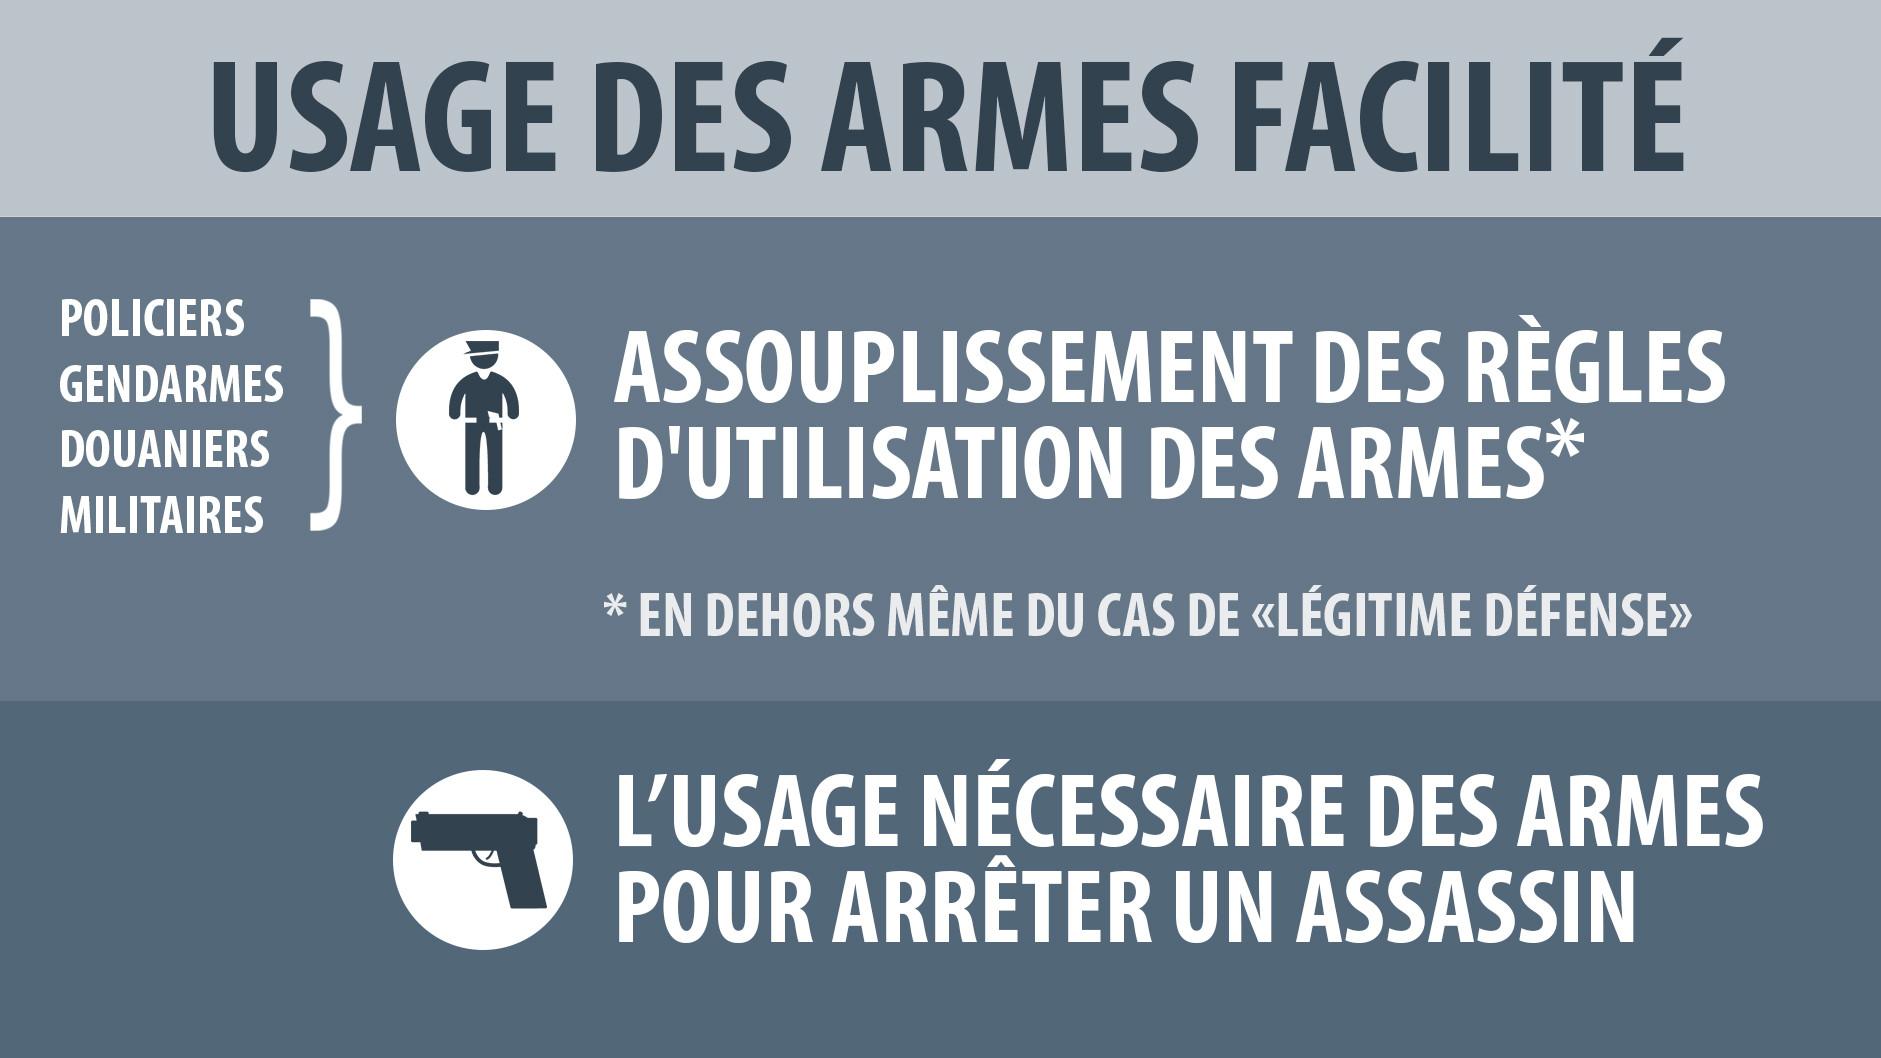 Usage des armes facilité